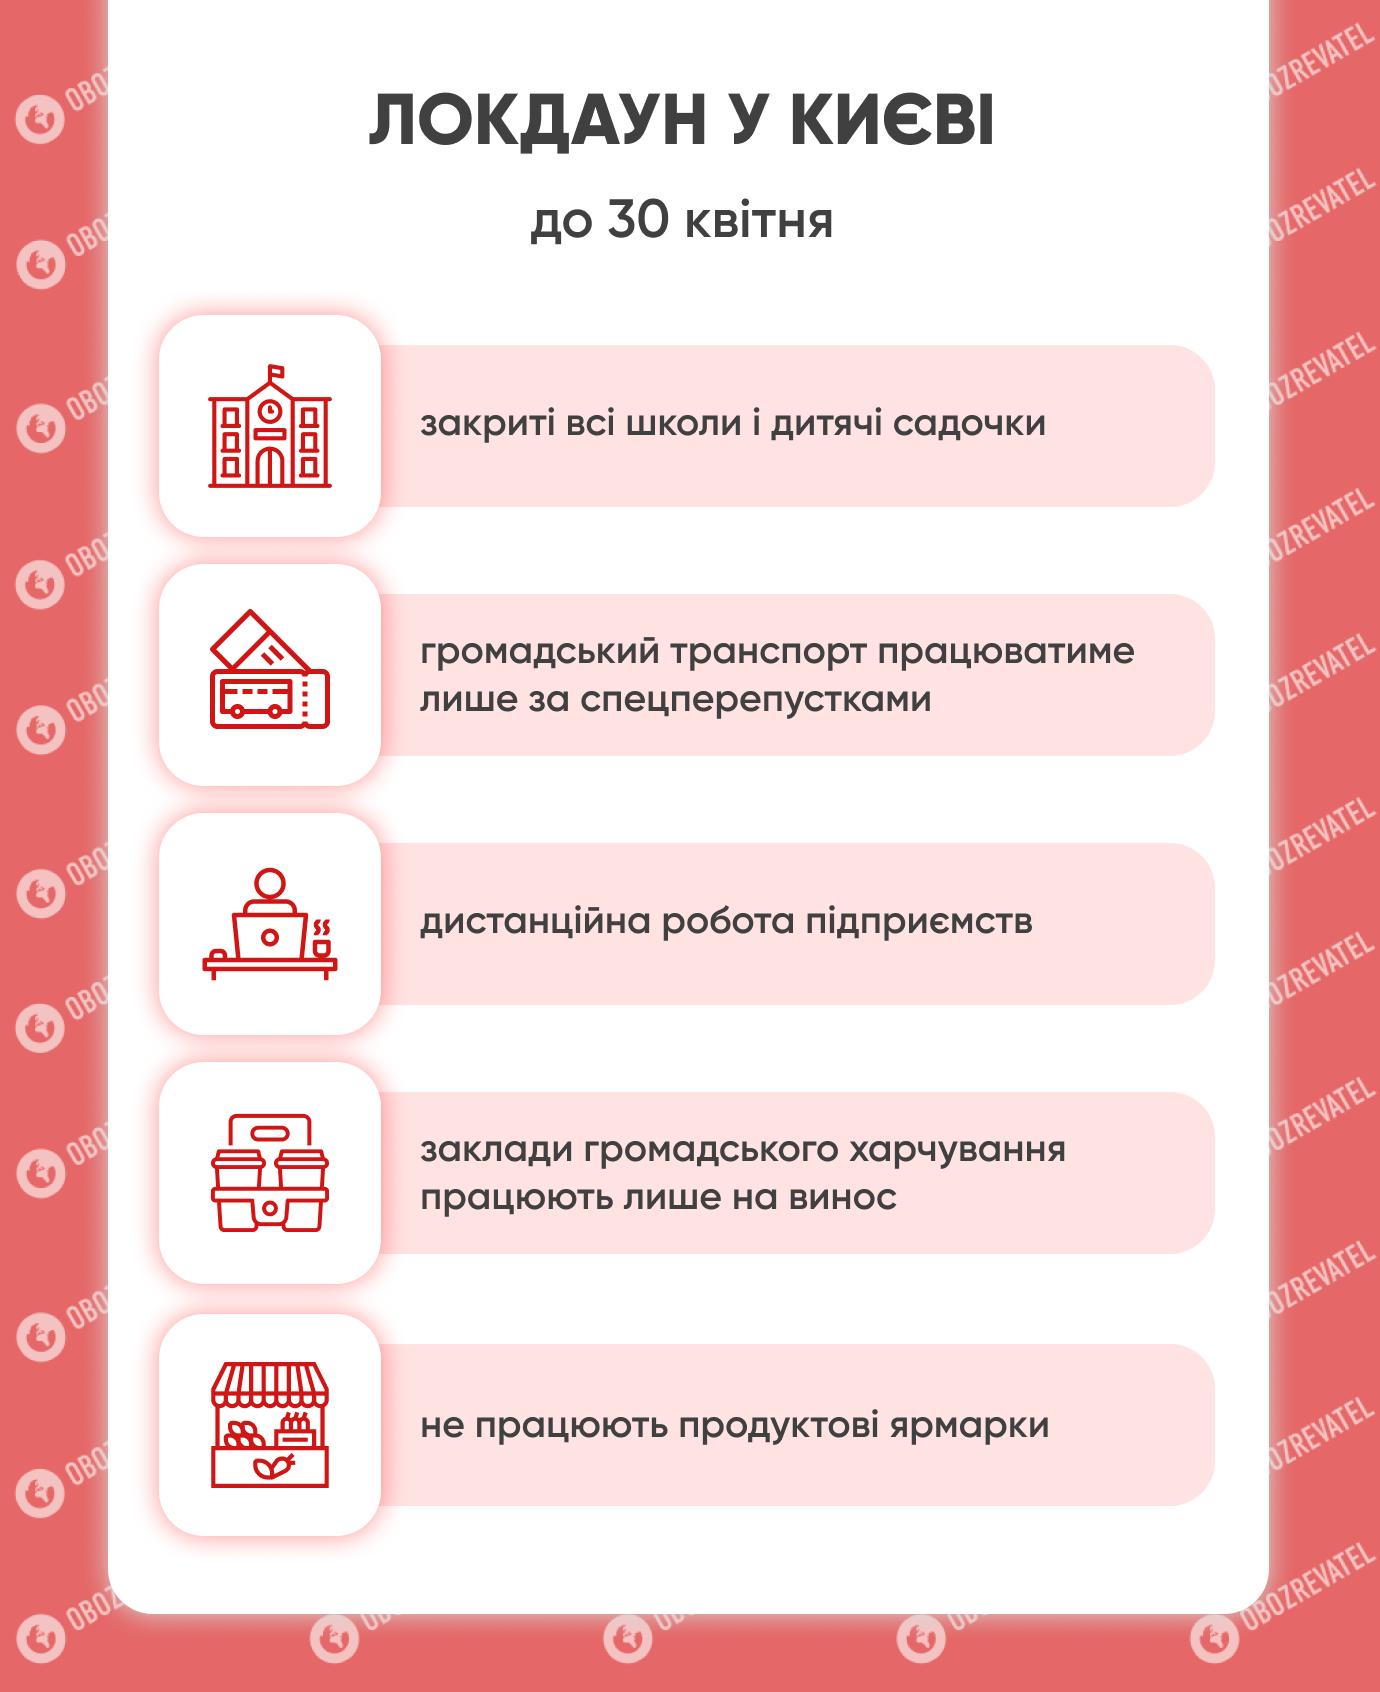 Що не працюватиме в Києві.